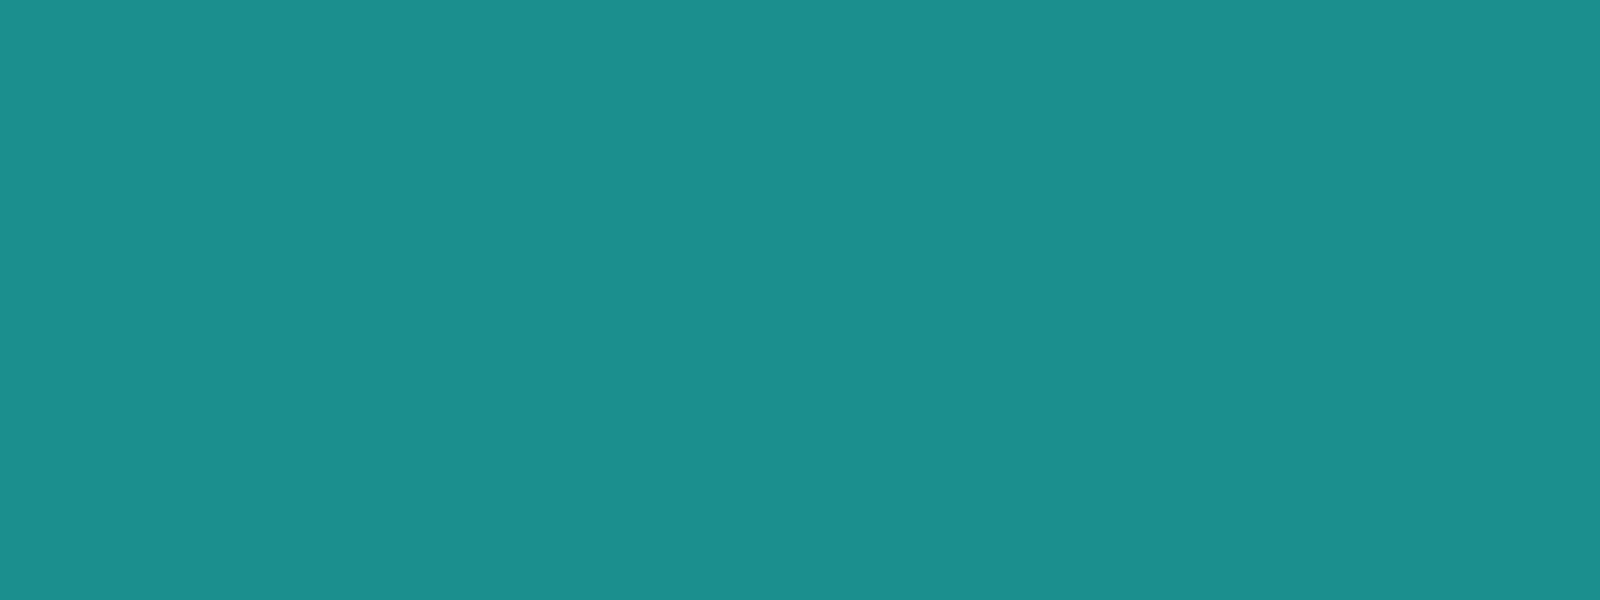 بک گراند اسلاید سی و پنجمین جشنواره بین المللی تئاتر فجر، هویت بصری سی و پنجمین جشنواره بین المللی تئاتر فجر، طراحی لوگو، طراحی لوگوتایپ، شرکت تبلیغاتی الف، طراحی هویت بصری